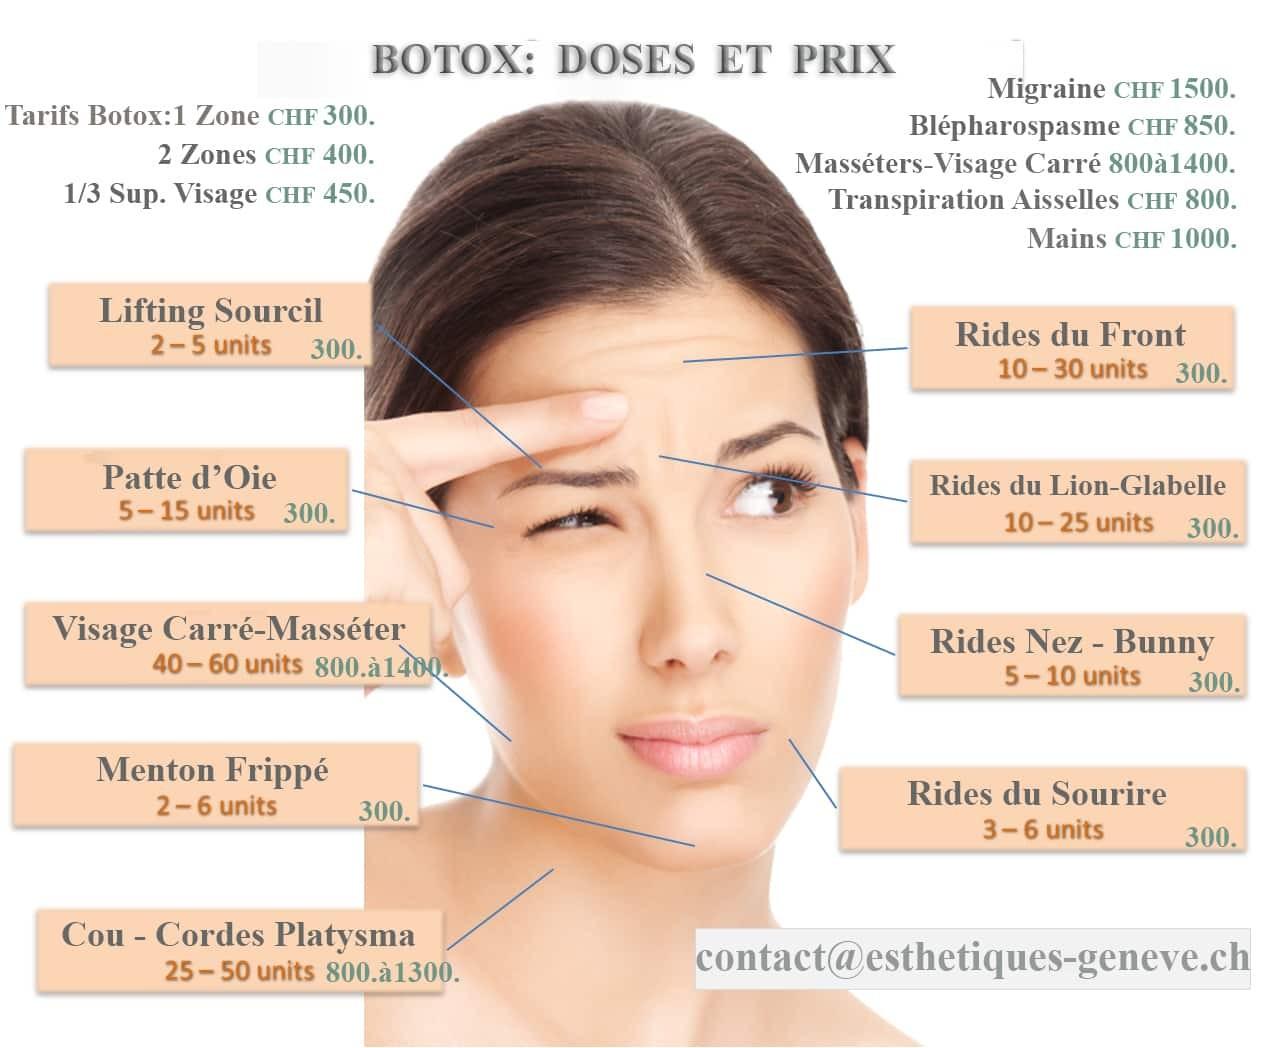 Esthetique Genève - Botox Genève, Prix selon la zone et dose